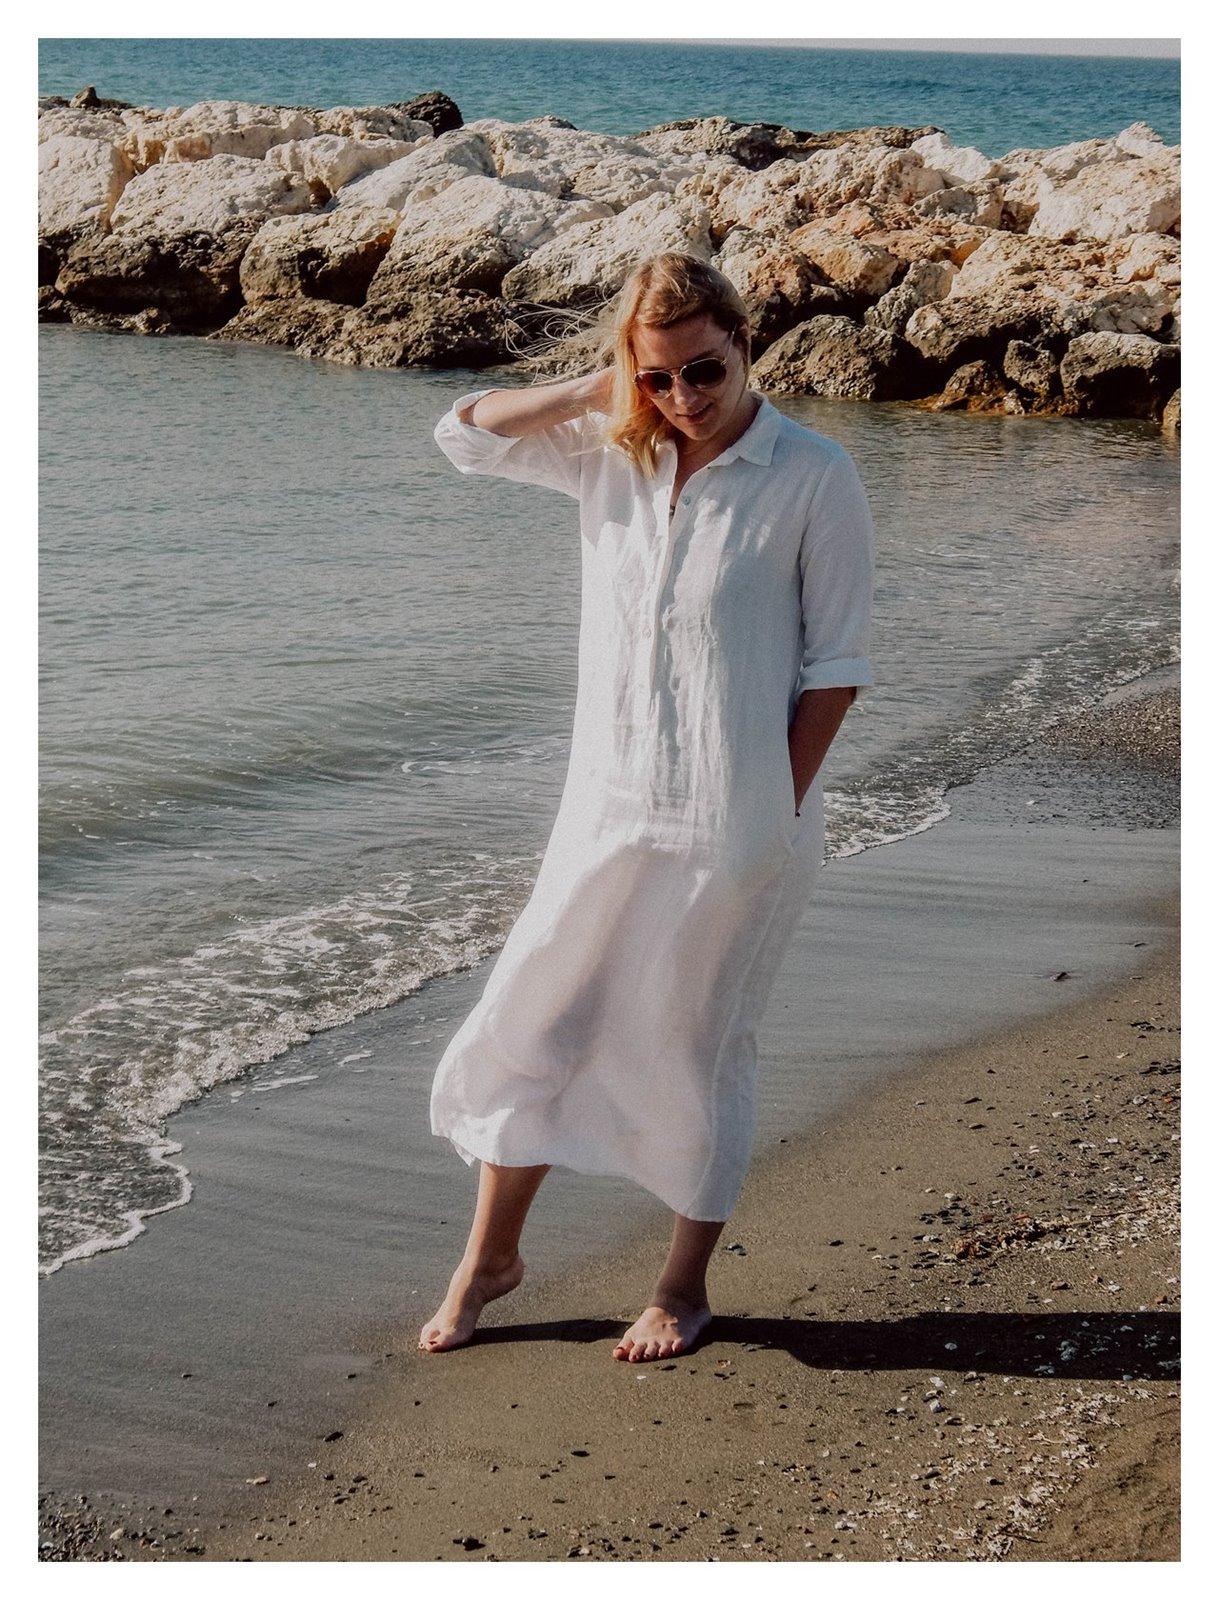 lenoui lniane ubrania sukienki zalety wady lnu jak prać dla dzieci pościel lniana zasłony z lnu moda polskie marki modowe fashion łódź malaga hiszpania blog lifestyle podróże melodylaniella